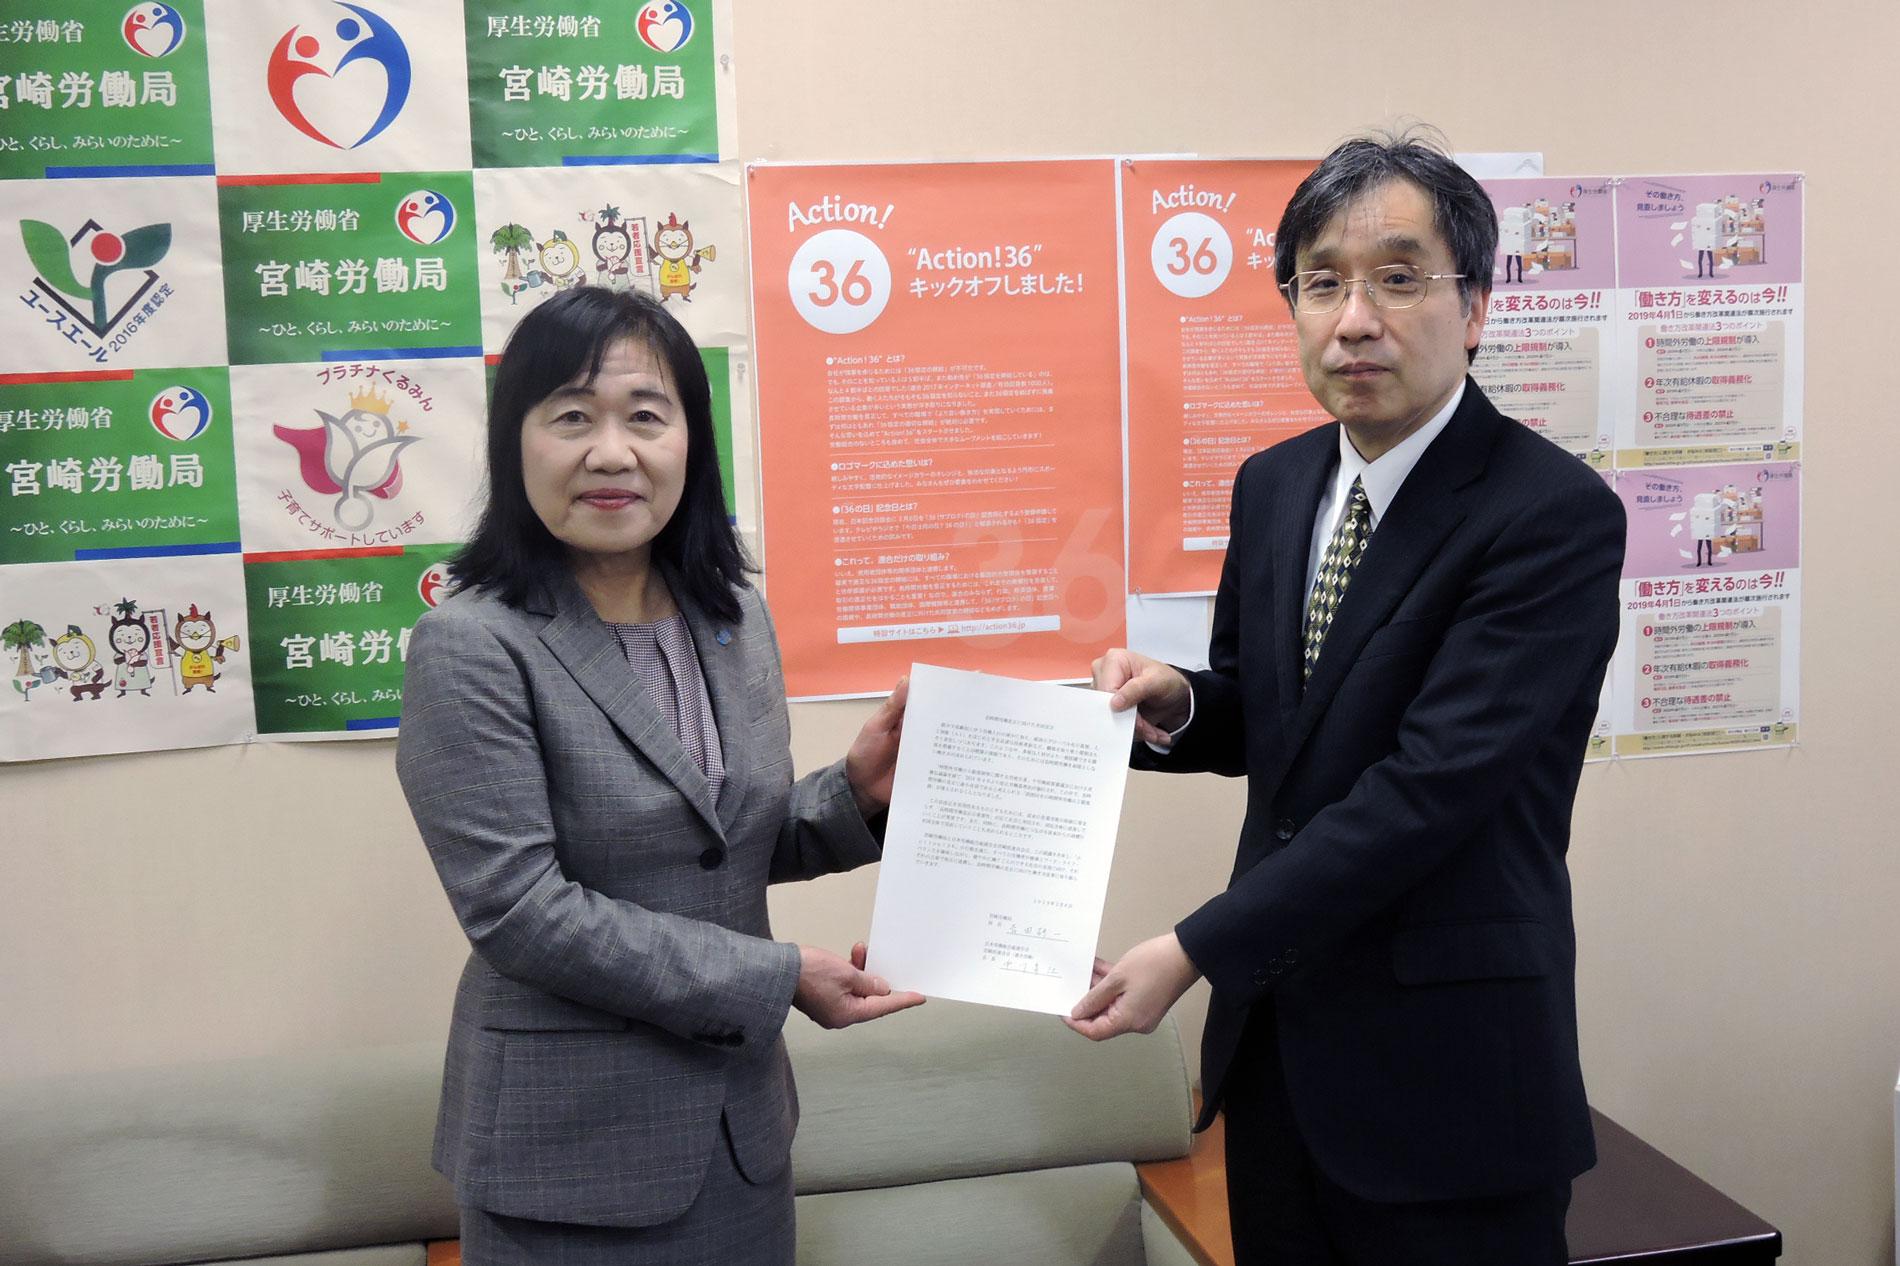 宮崎労働局との 長時間労働是正に向けた共同宣言